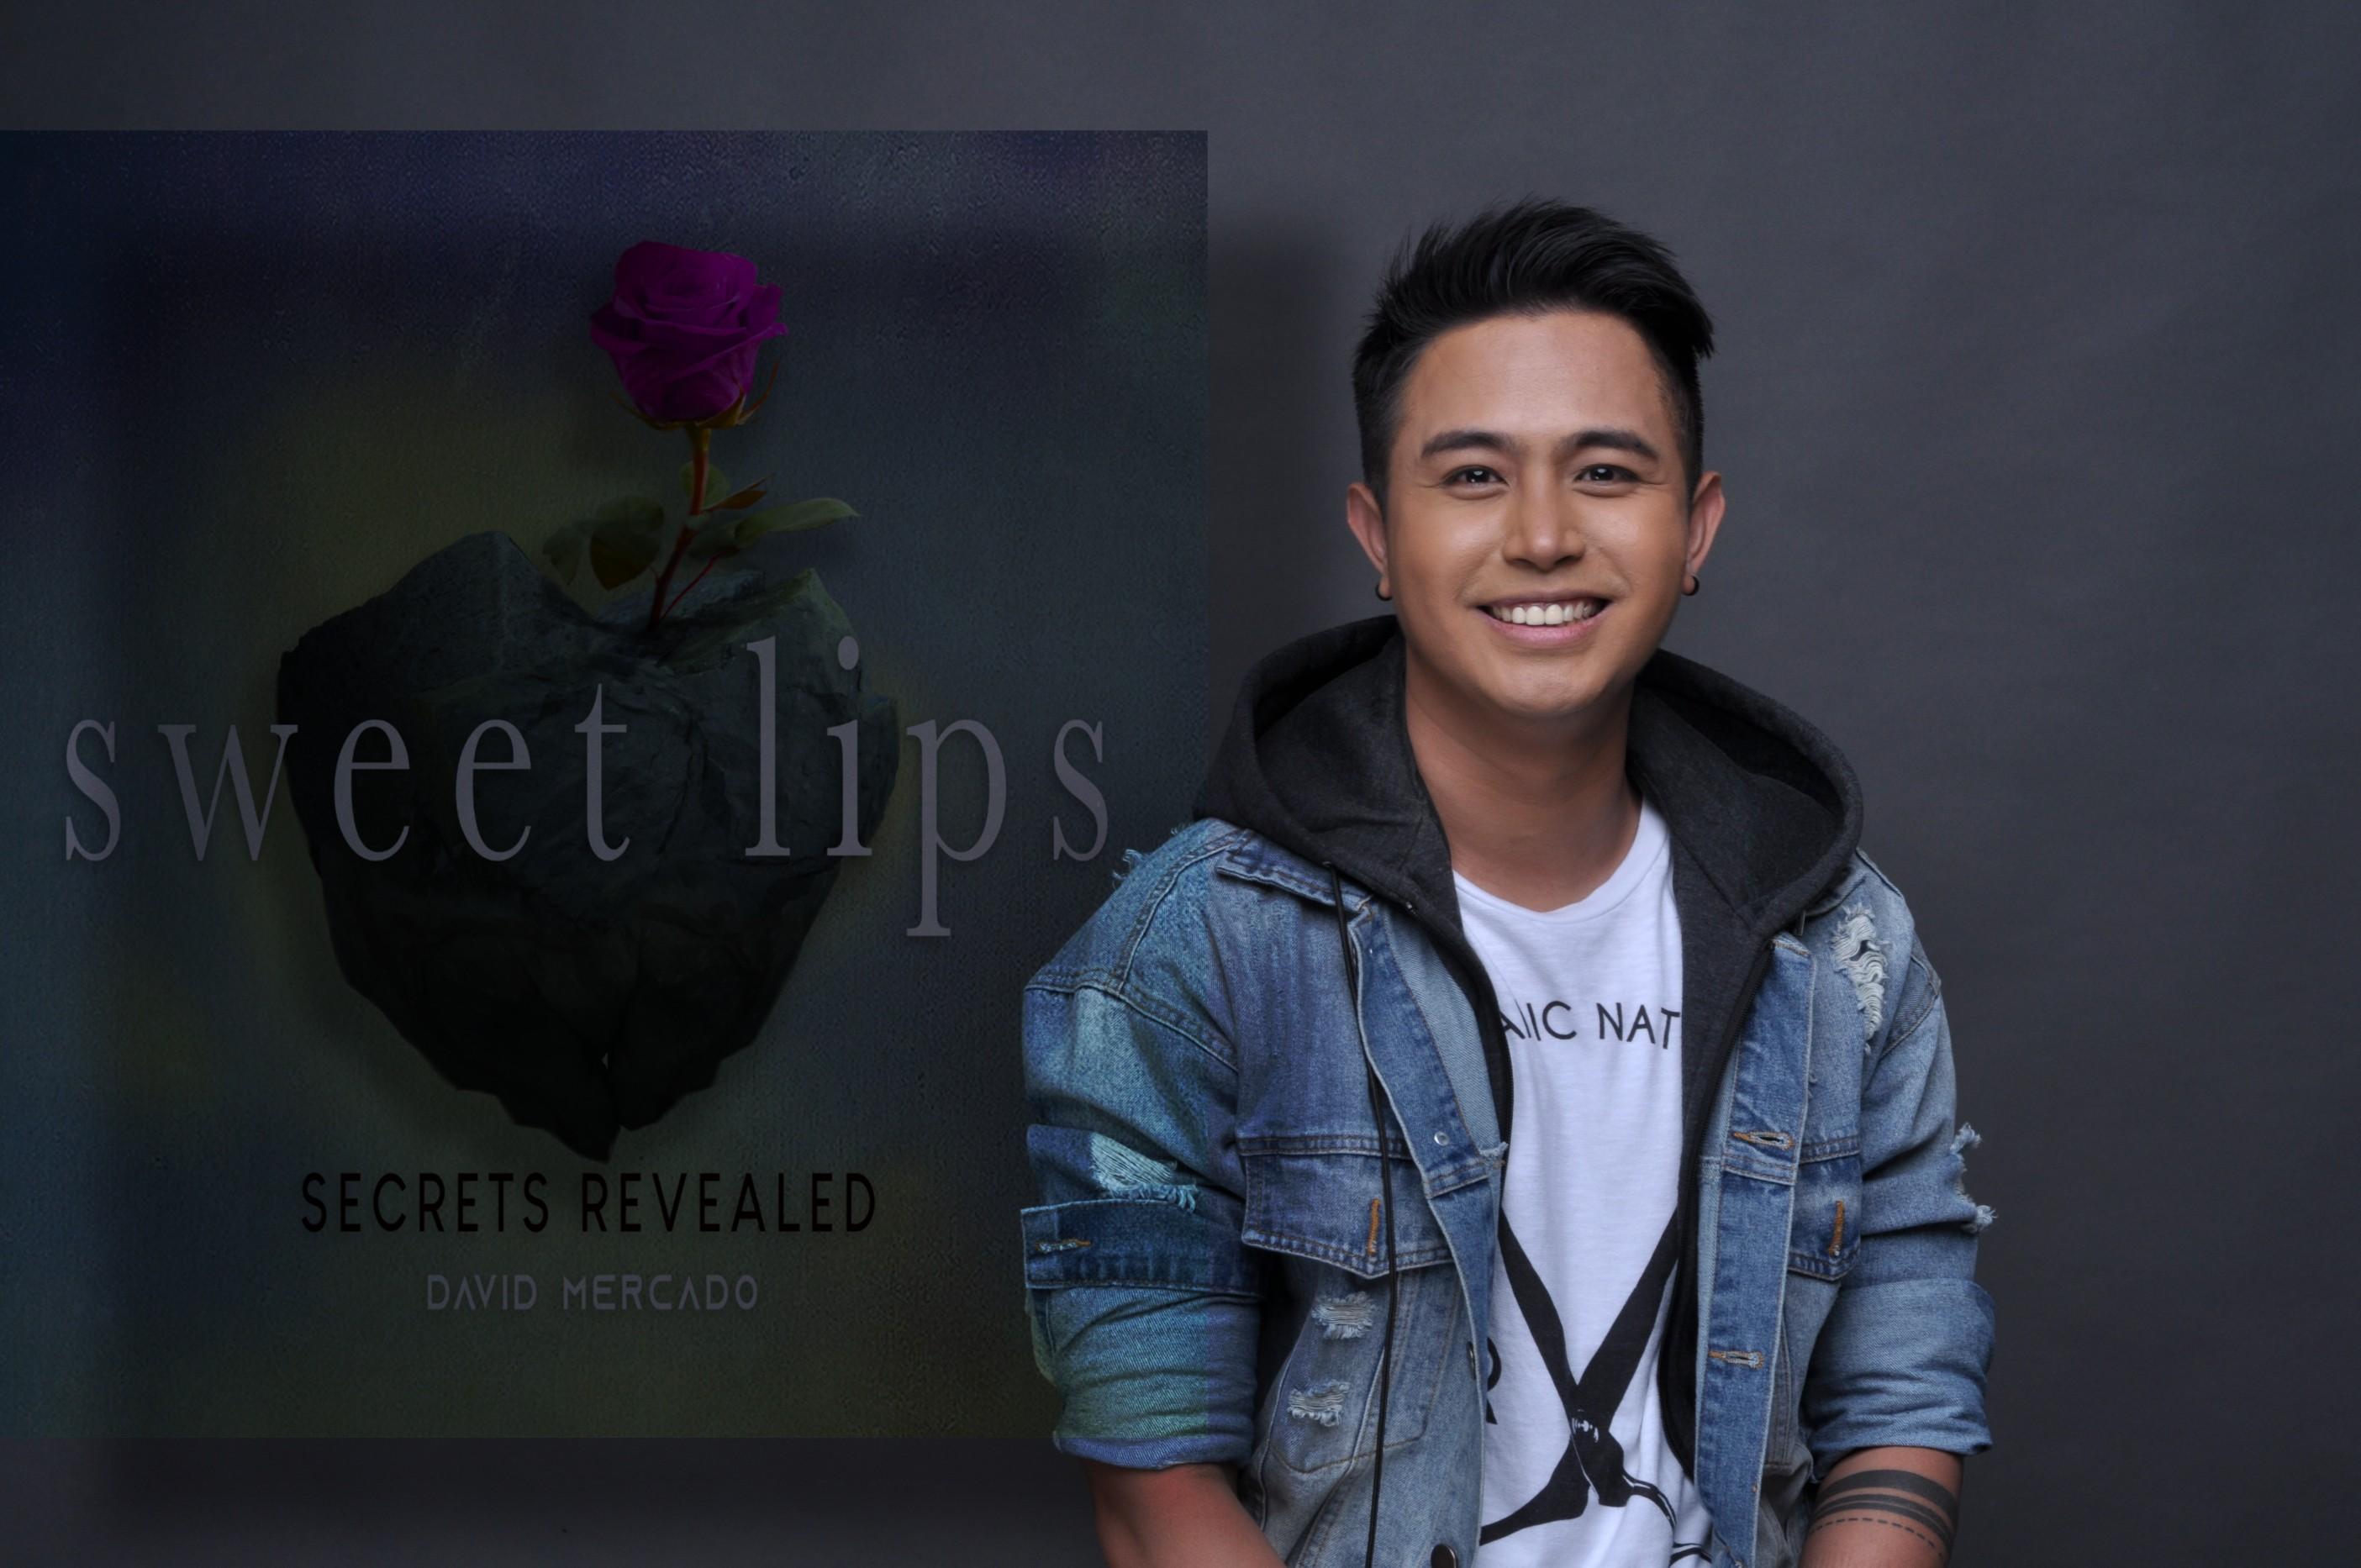 EP Secrets Revealed, David Mercado